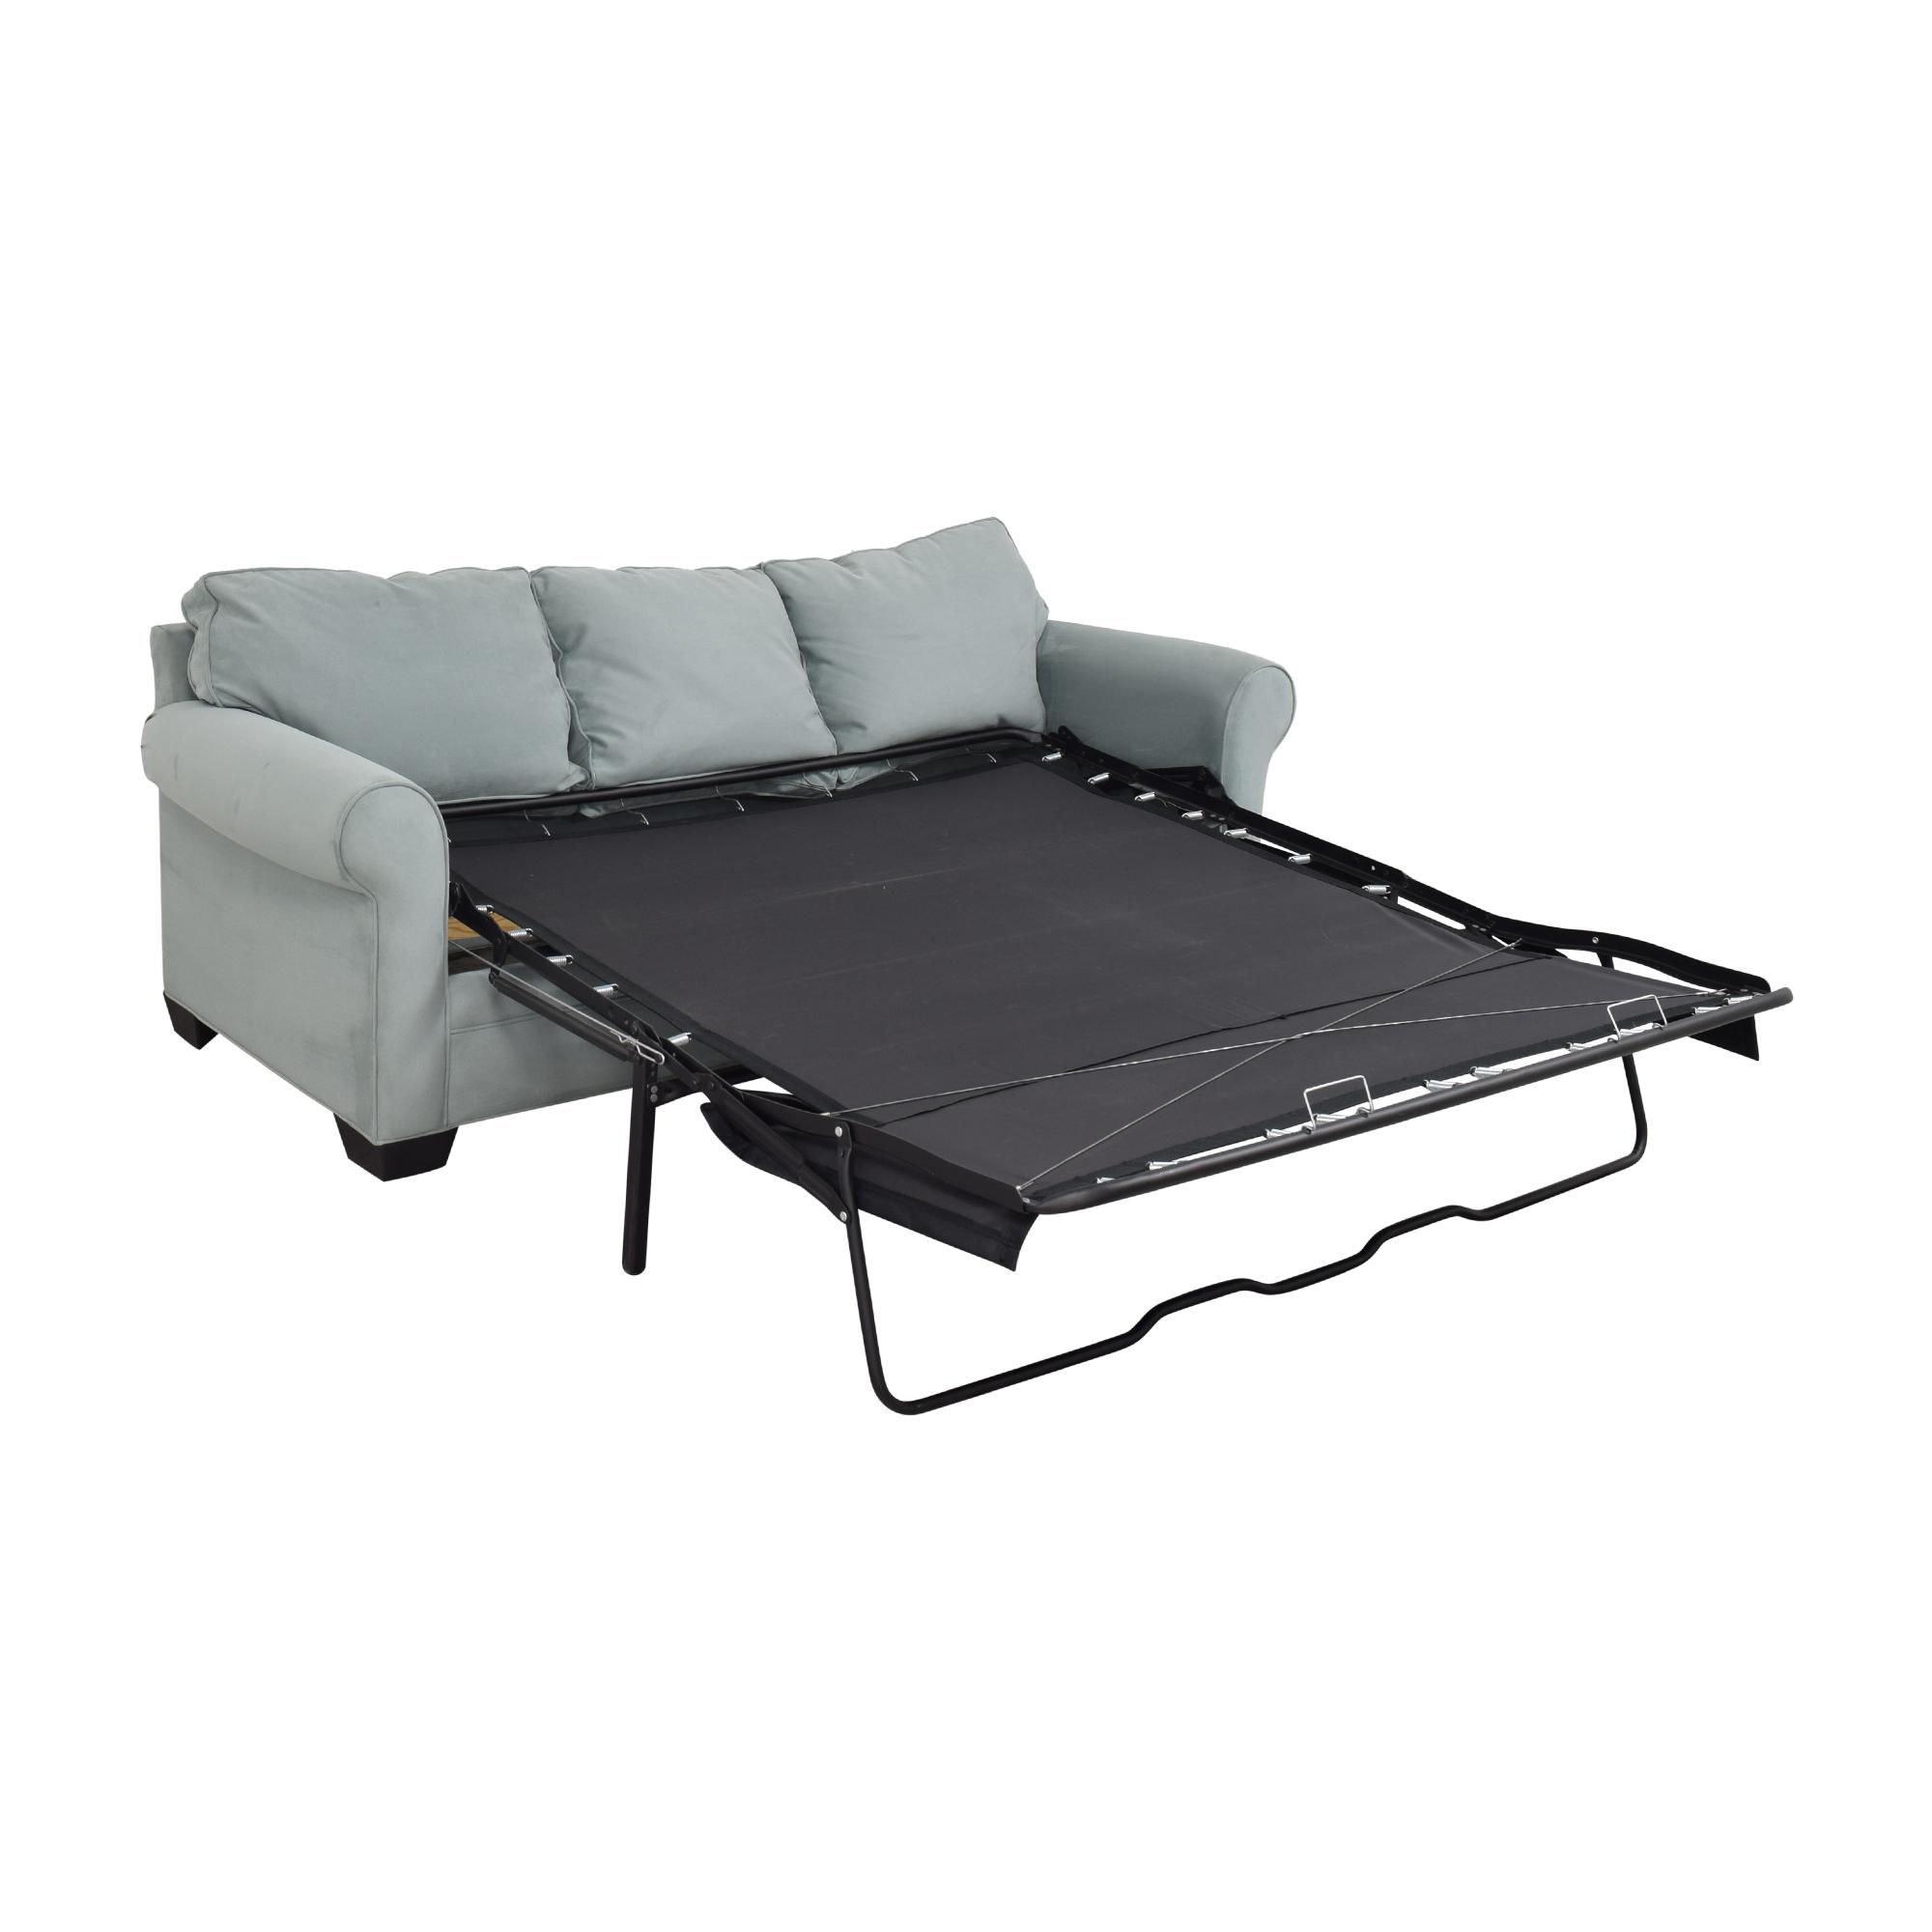 Cindy Crawford Home Cindy Crawford Home Bellingham Hydra Sleeper Sofa ct